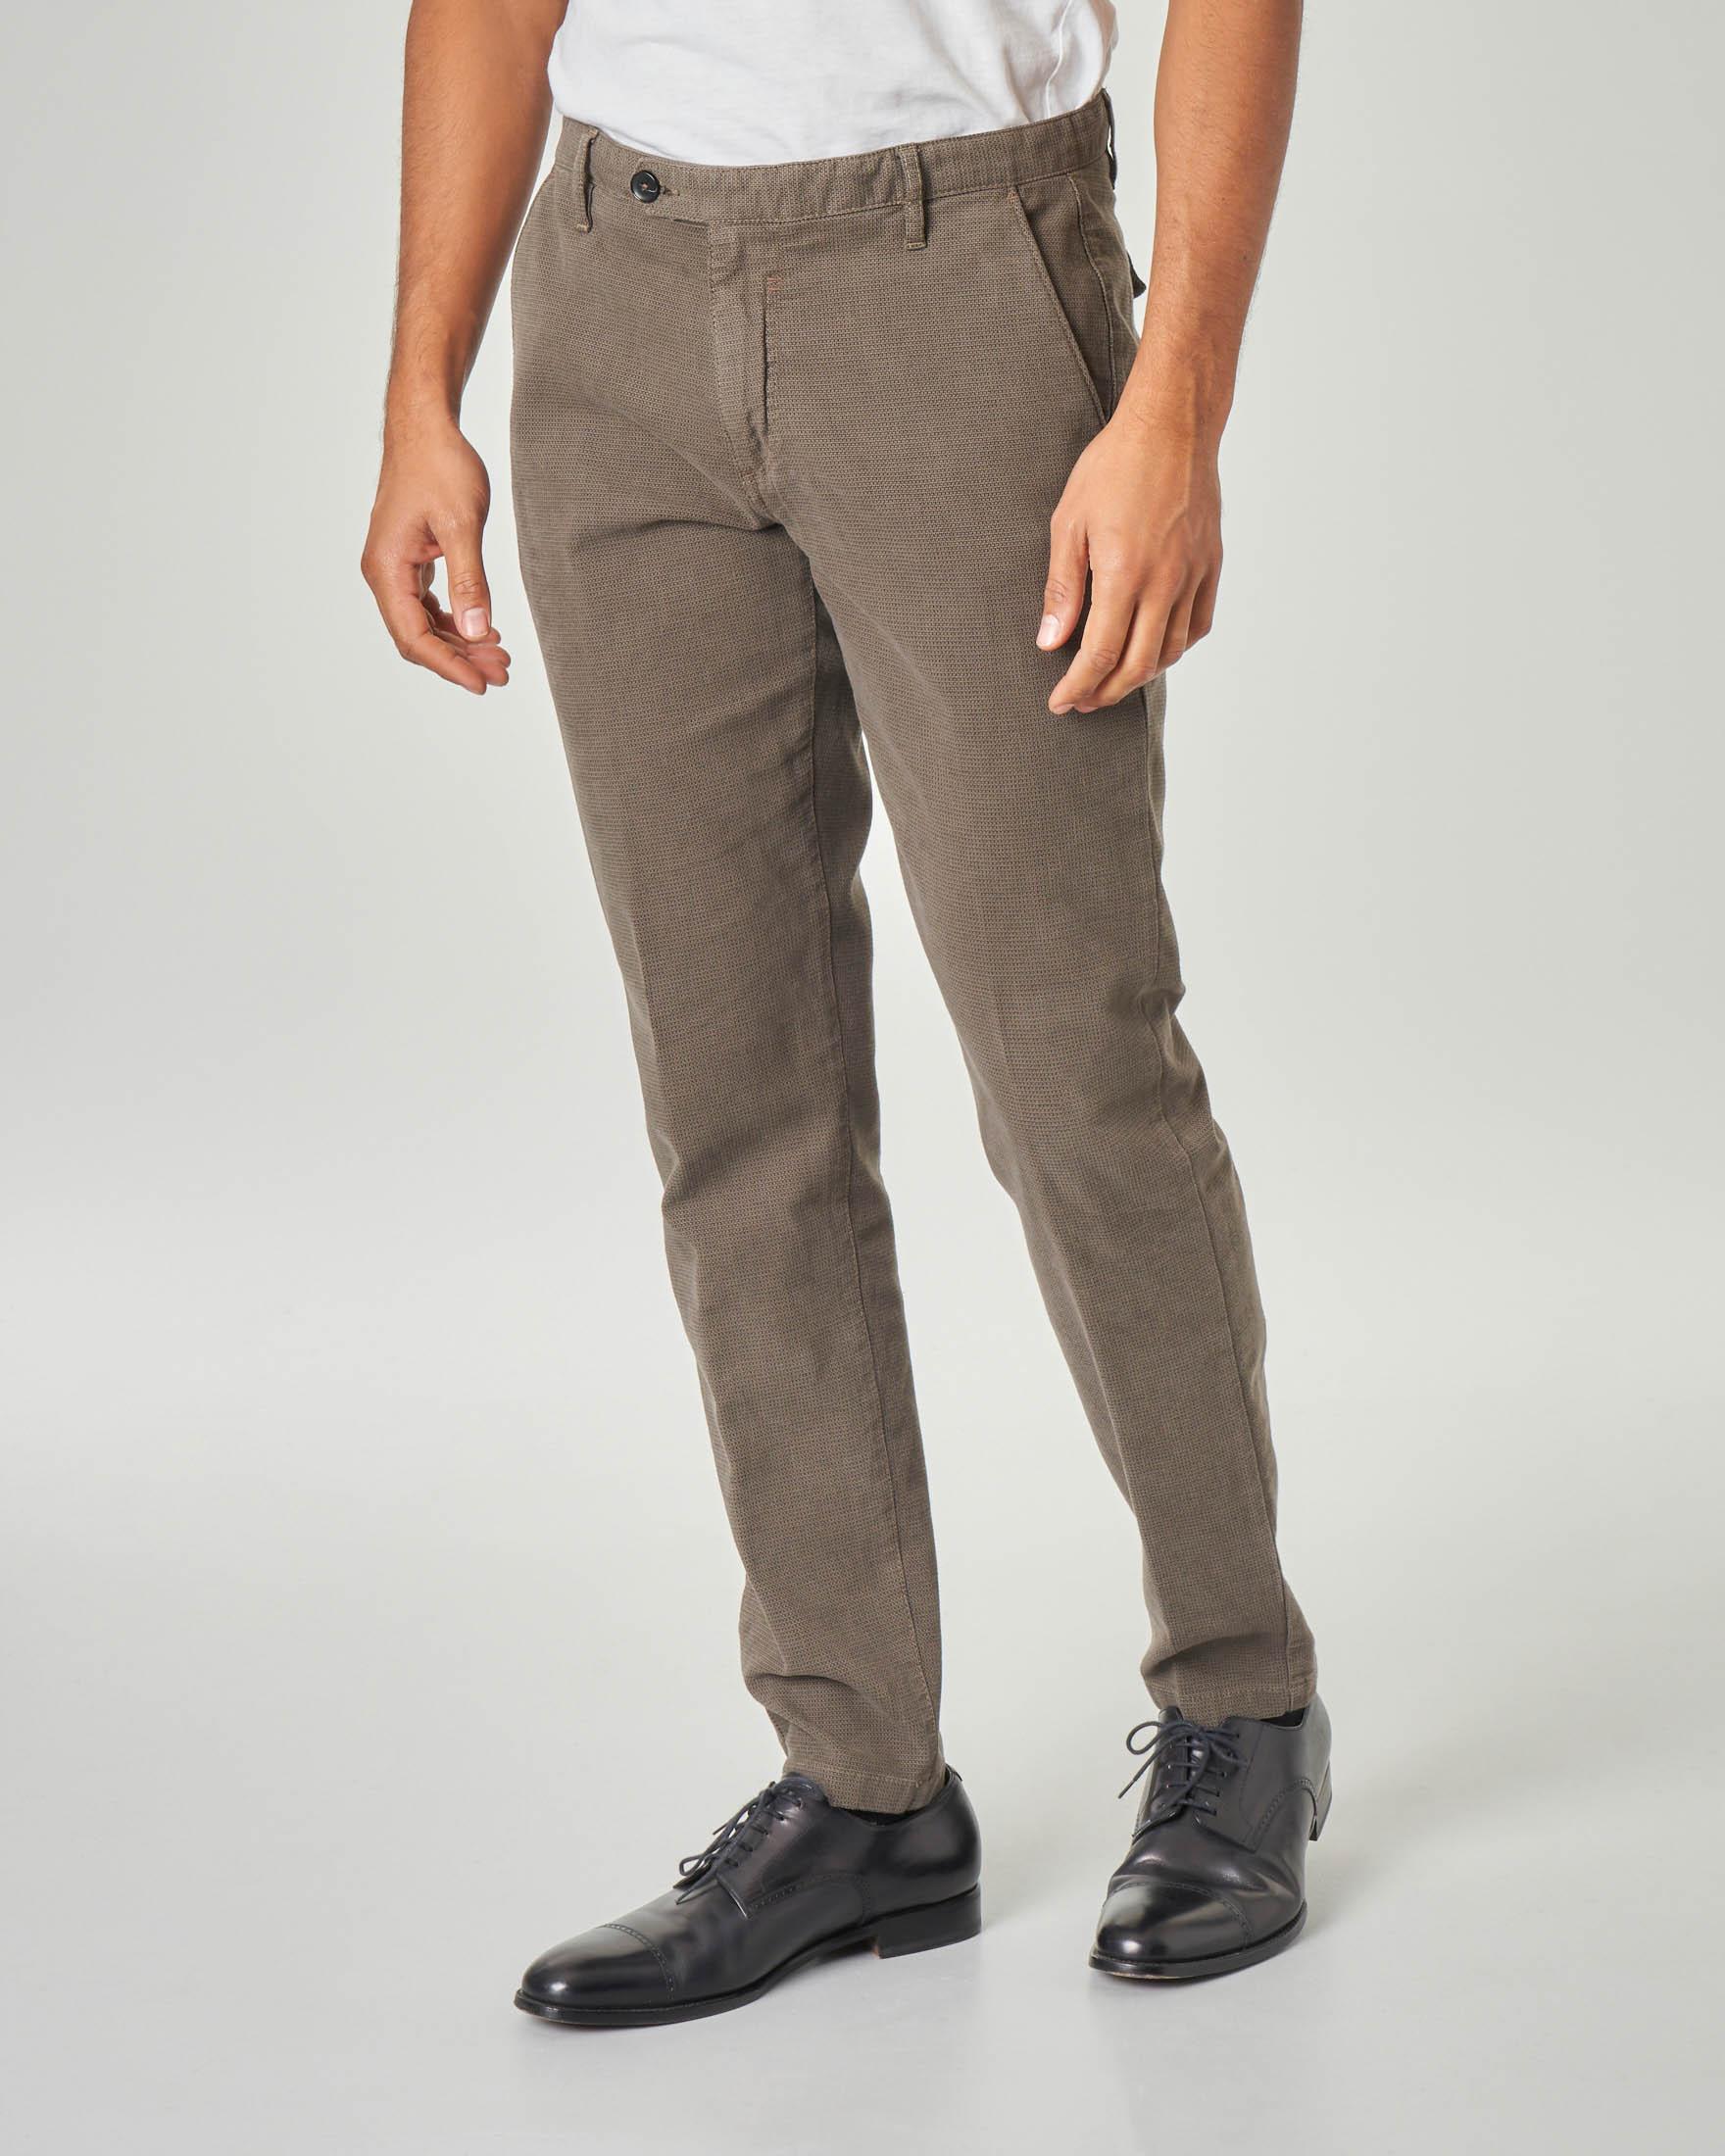 Pantalone chino kaki micro-quadretto in cotone stretch